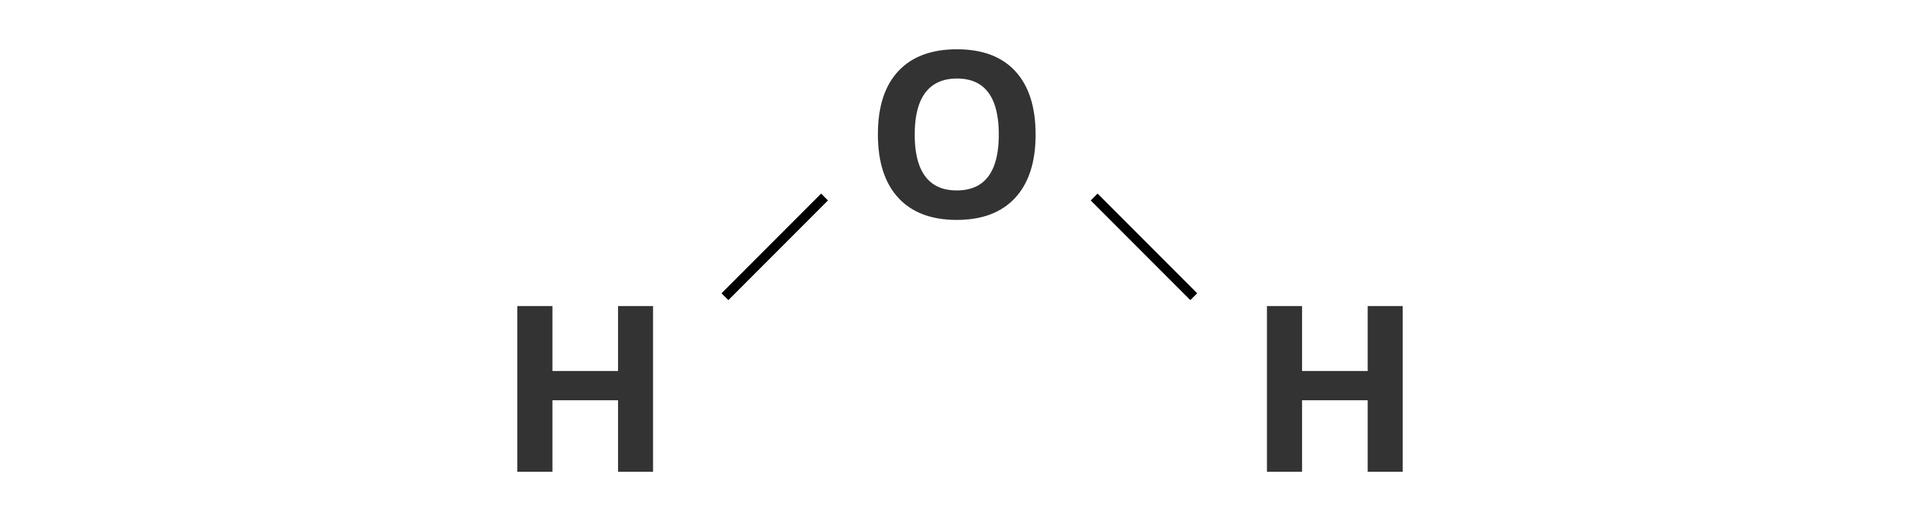 Ilustracja przedstawia wzór strukturalny wody. Pary elektronowe zapisano za pomocą kresek.